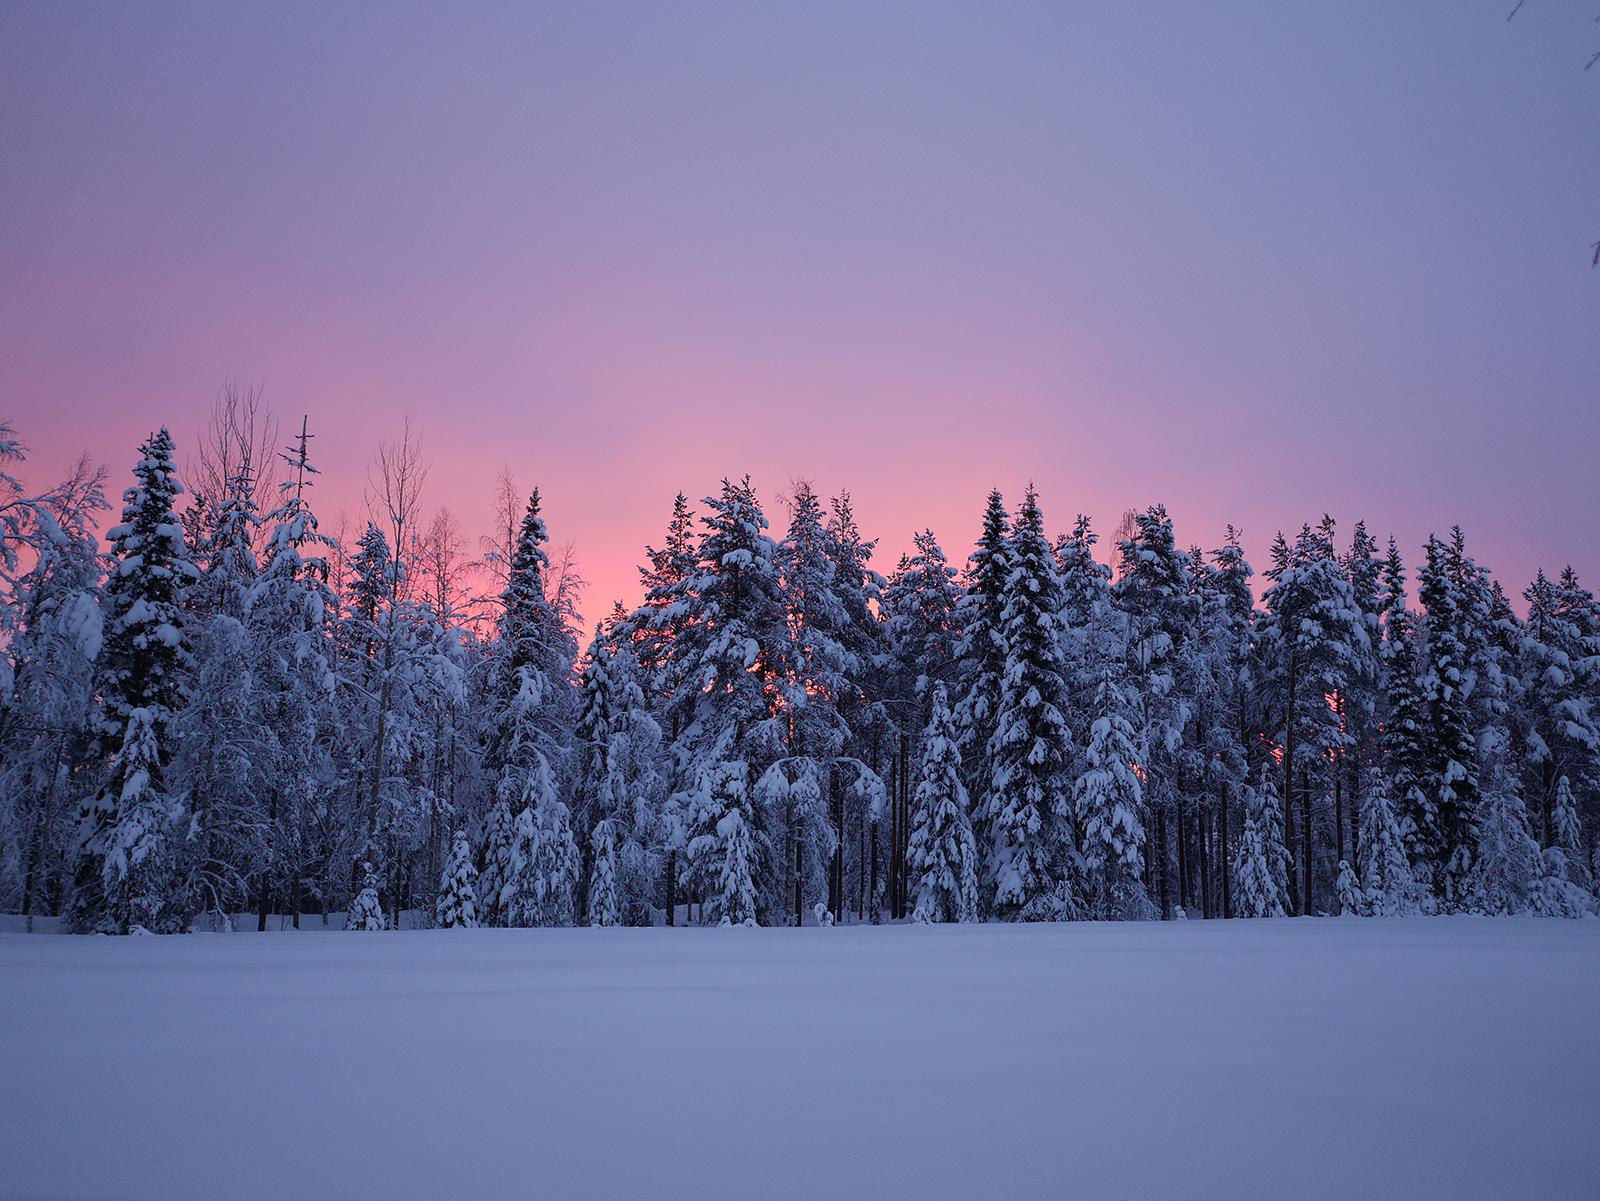 Kaamos alkoi pohjoisimmassa Suomessa - aurinko nähdään seuraavan kerran 8 viikon päästä